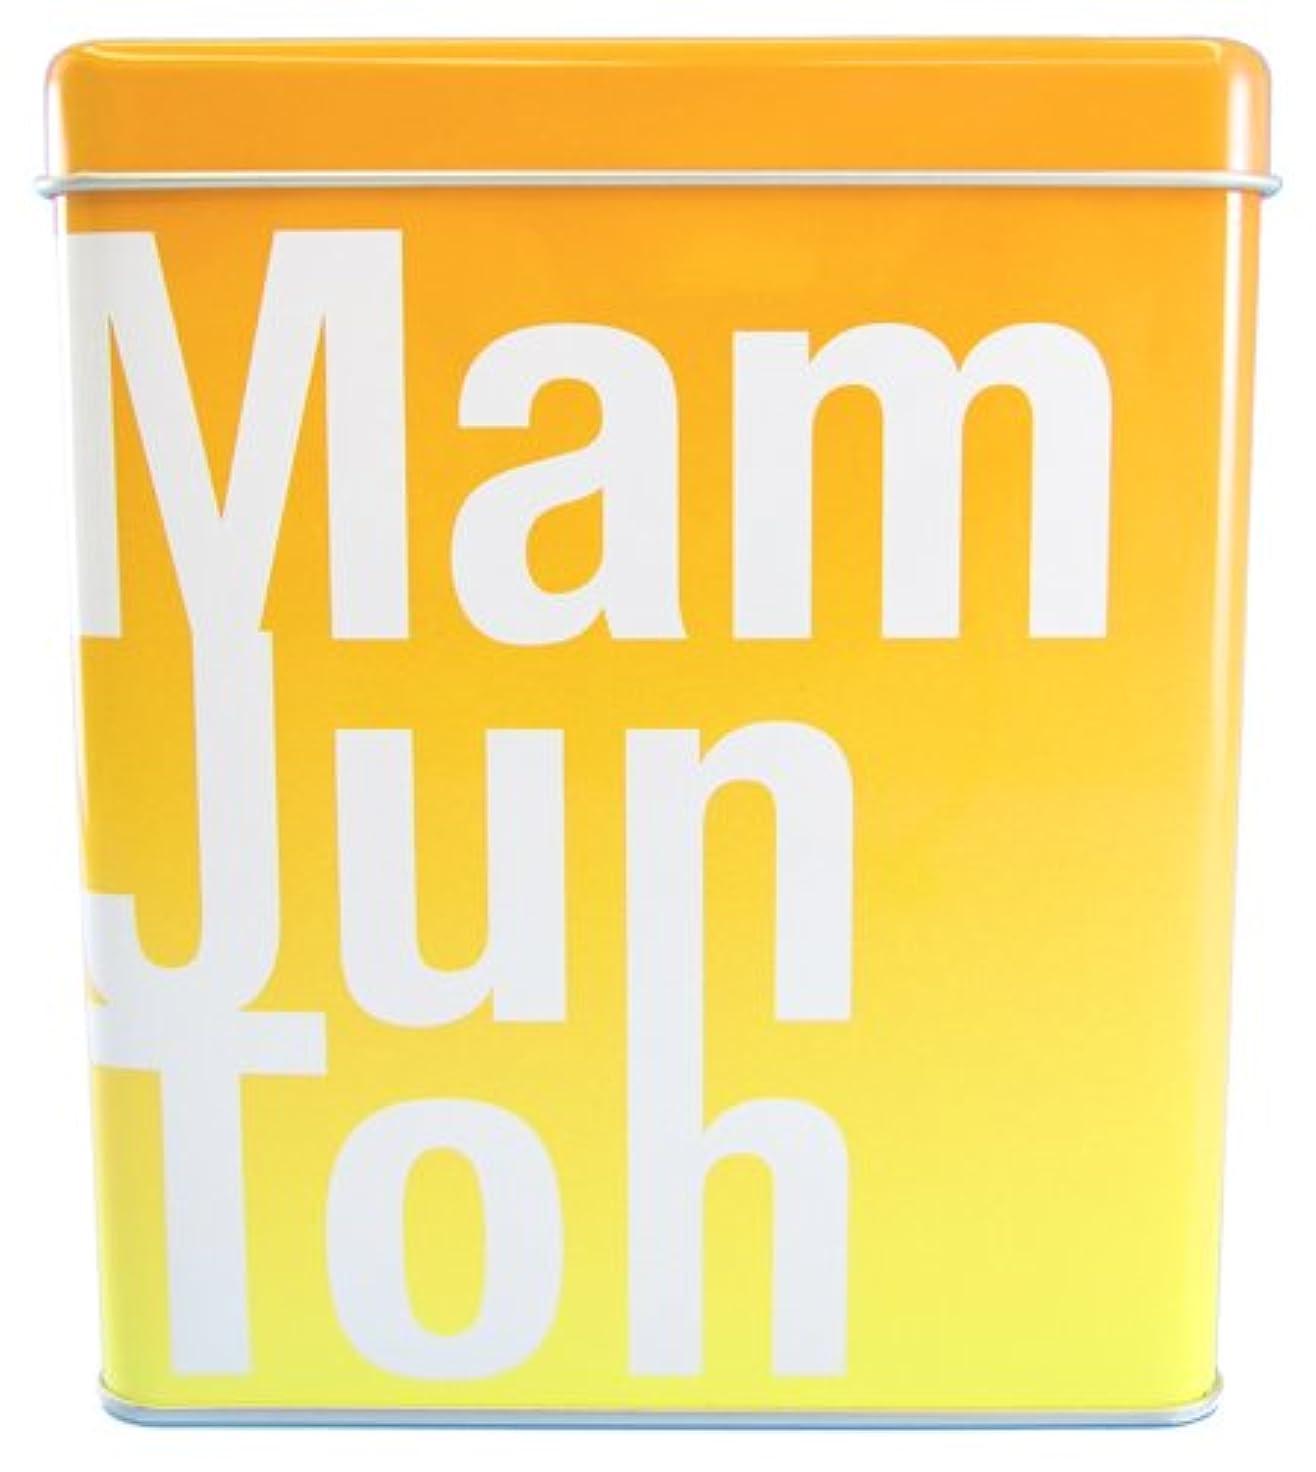 最大限一部樫の木蔓潤湯 椿 パラダイス山元責任監修 薬用入浴剤 天然ビターオレンジの香り 750g